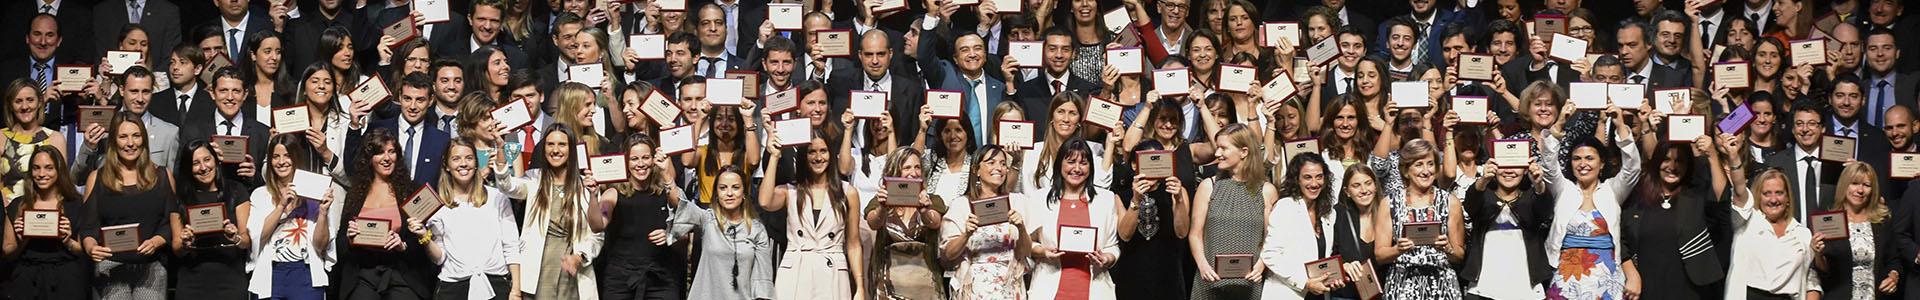 Egresados del Instituto de Educación de la Universidad ORT Uruguay